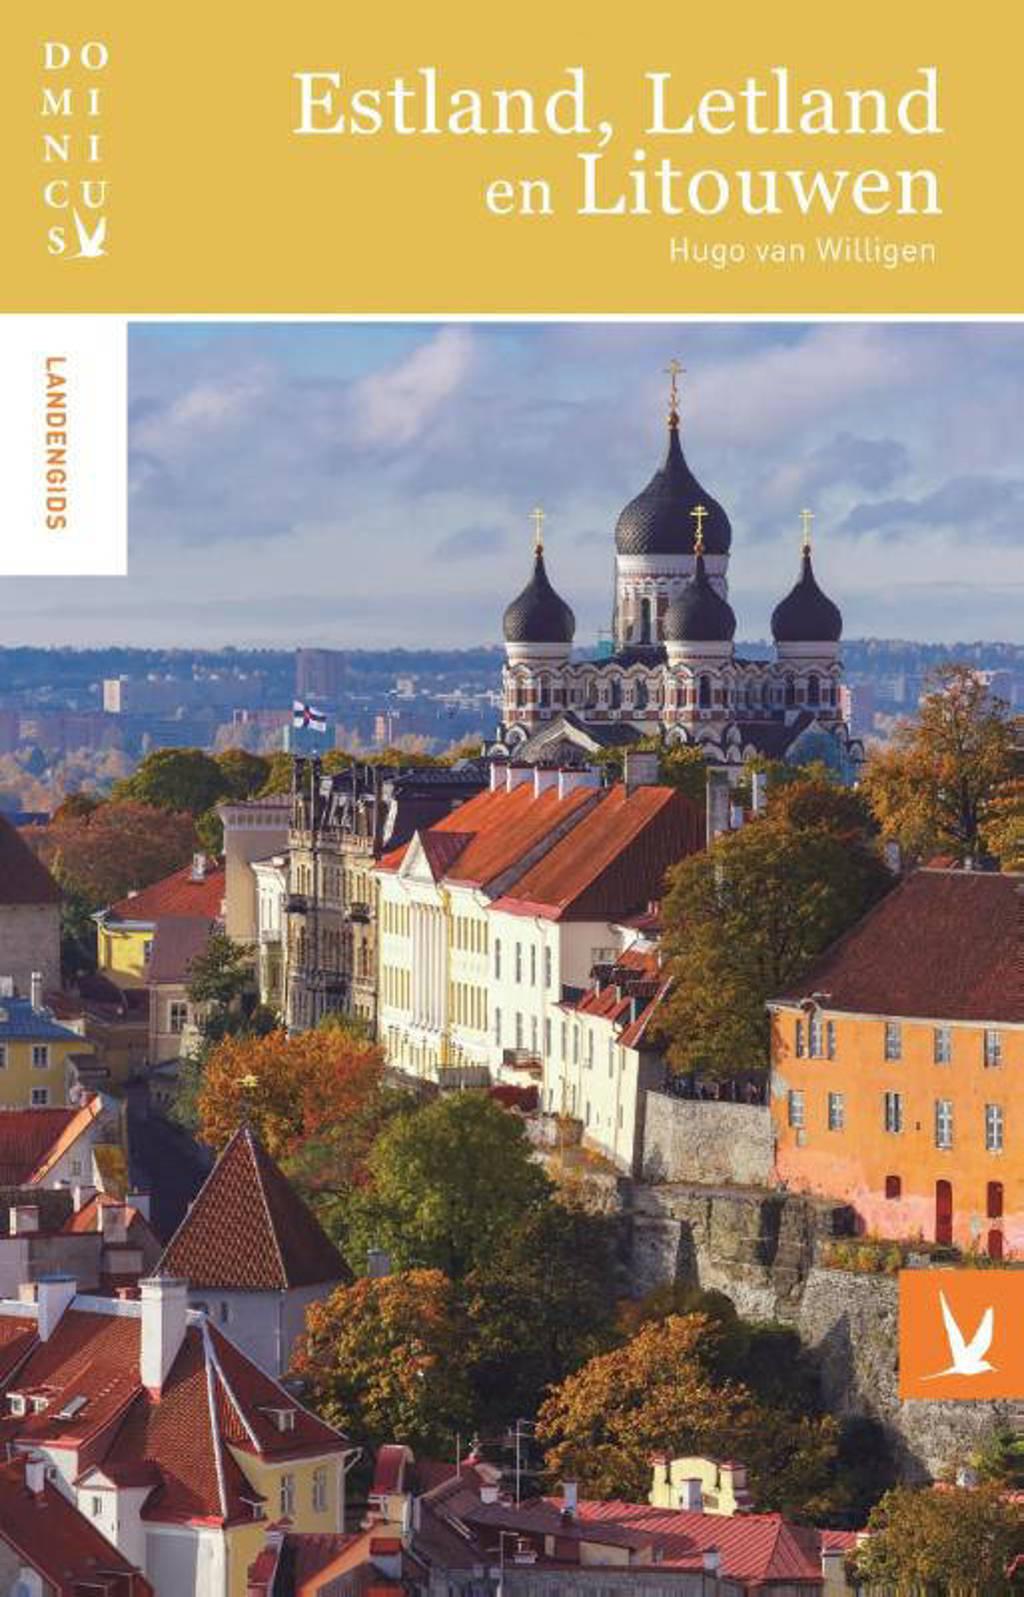 Dominicus landengids: Estland, Letland en Litouwen - Hugo van Willigen